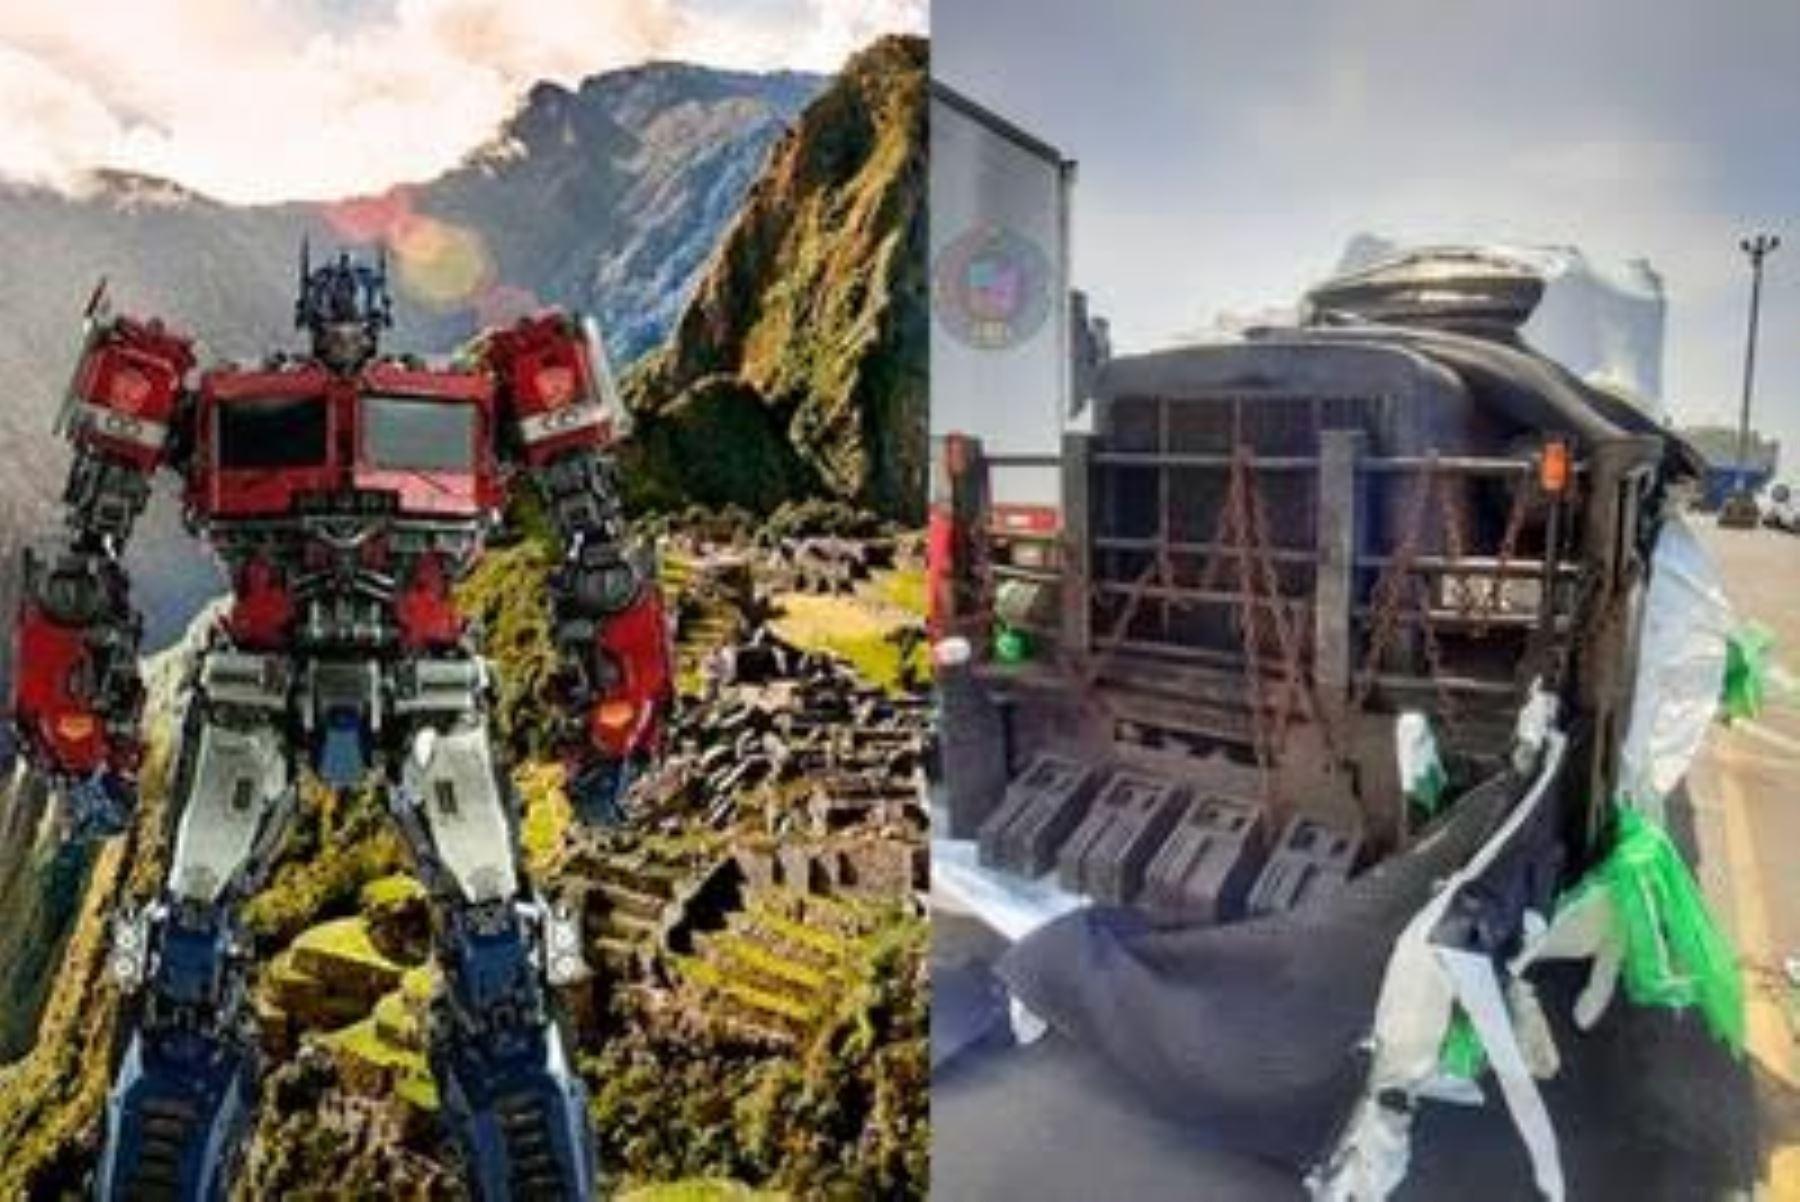 """La ciudadela de Machu Picchu estará protegida de daños durante los cuatro días de rodaje de la película """"Transformers, el despertar de las bestias"""". Foto: ANDINA/Difusión"""